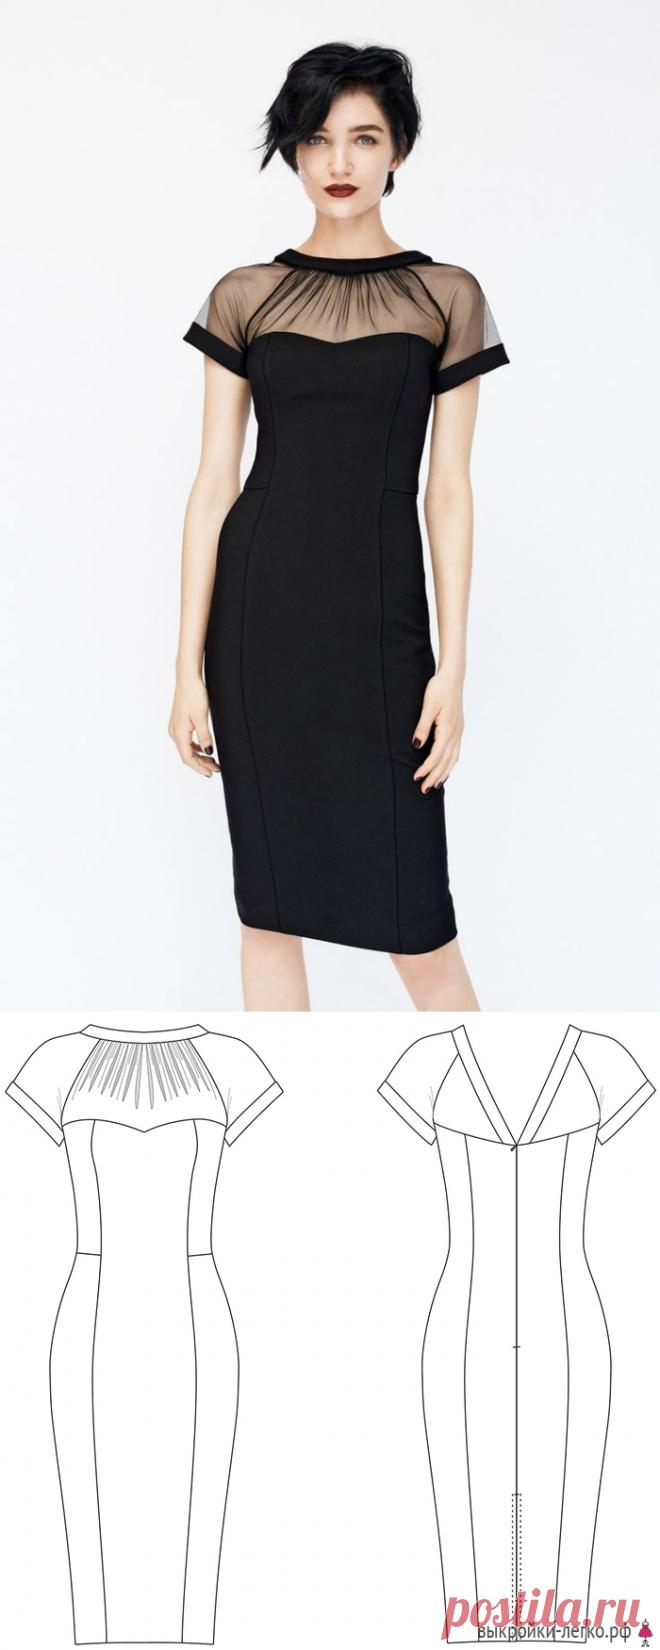 7aad407b32a Готовая выкройка маленького черного платья